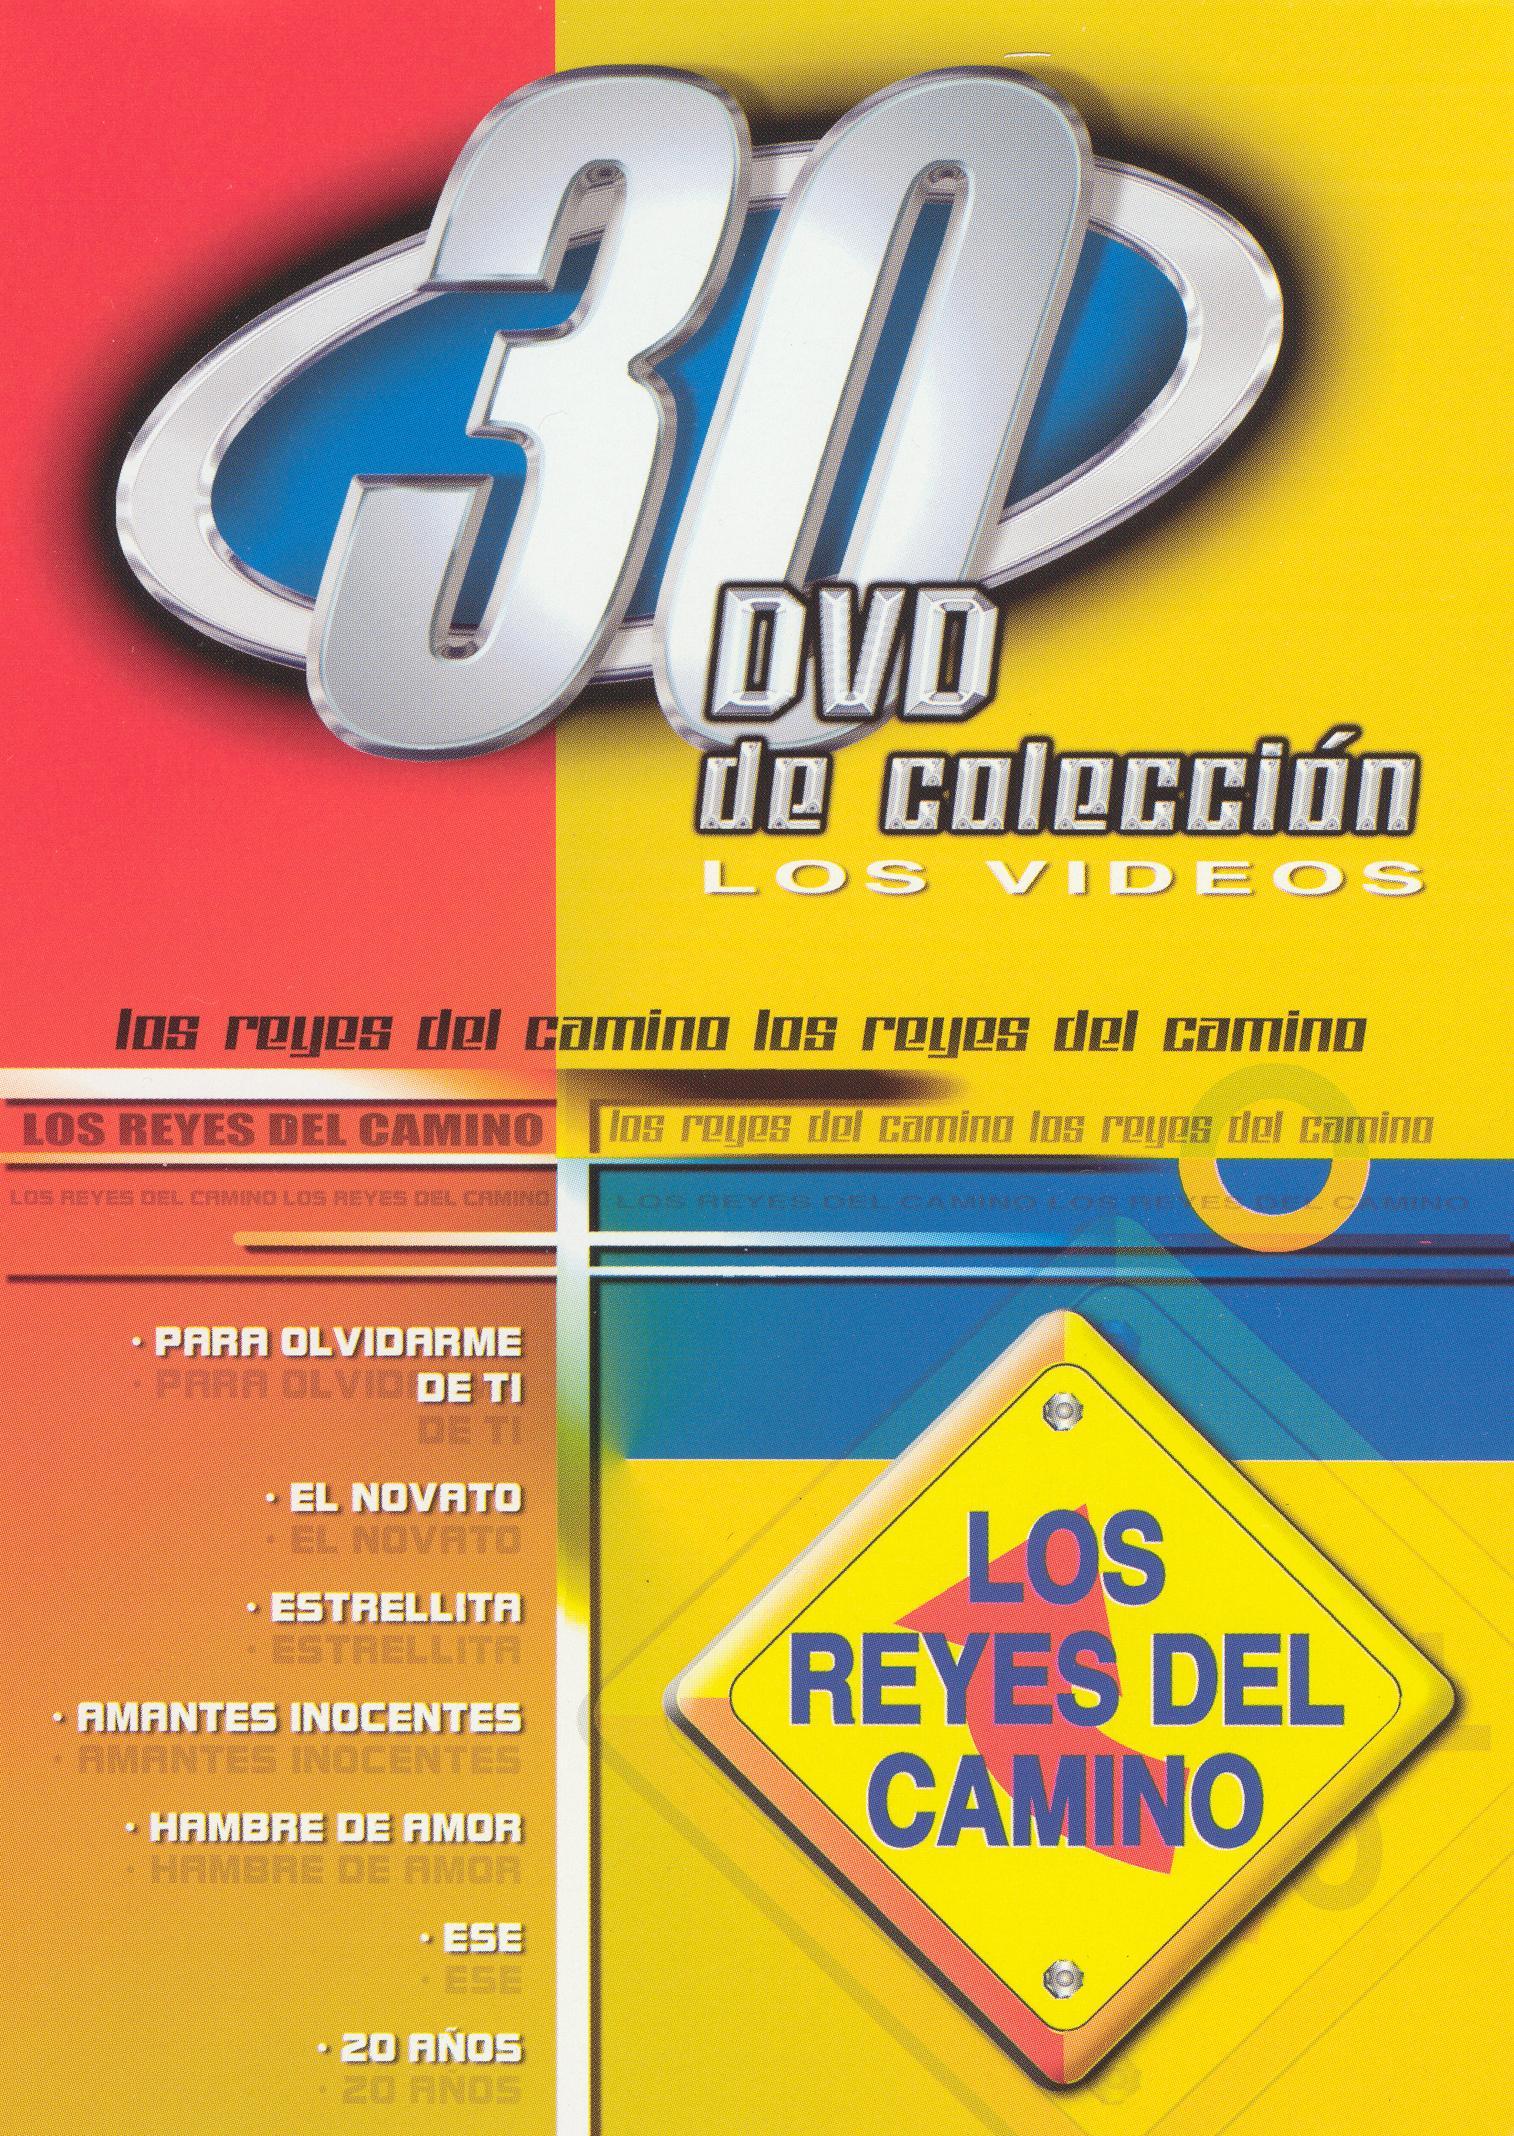 Reyes Del Camino: 30 DVD de Coleccion